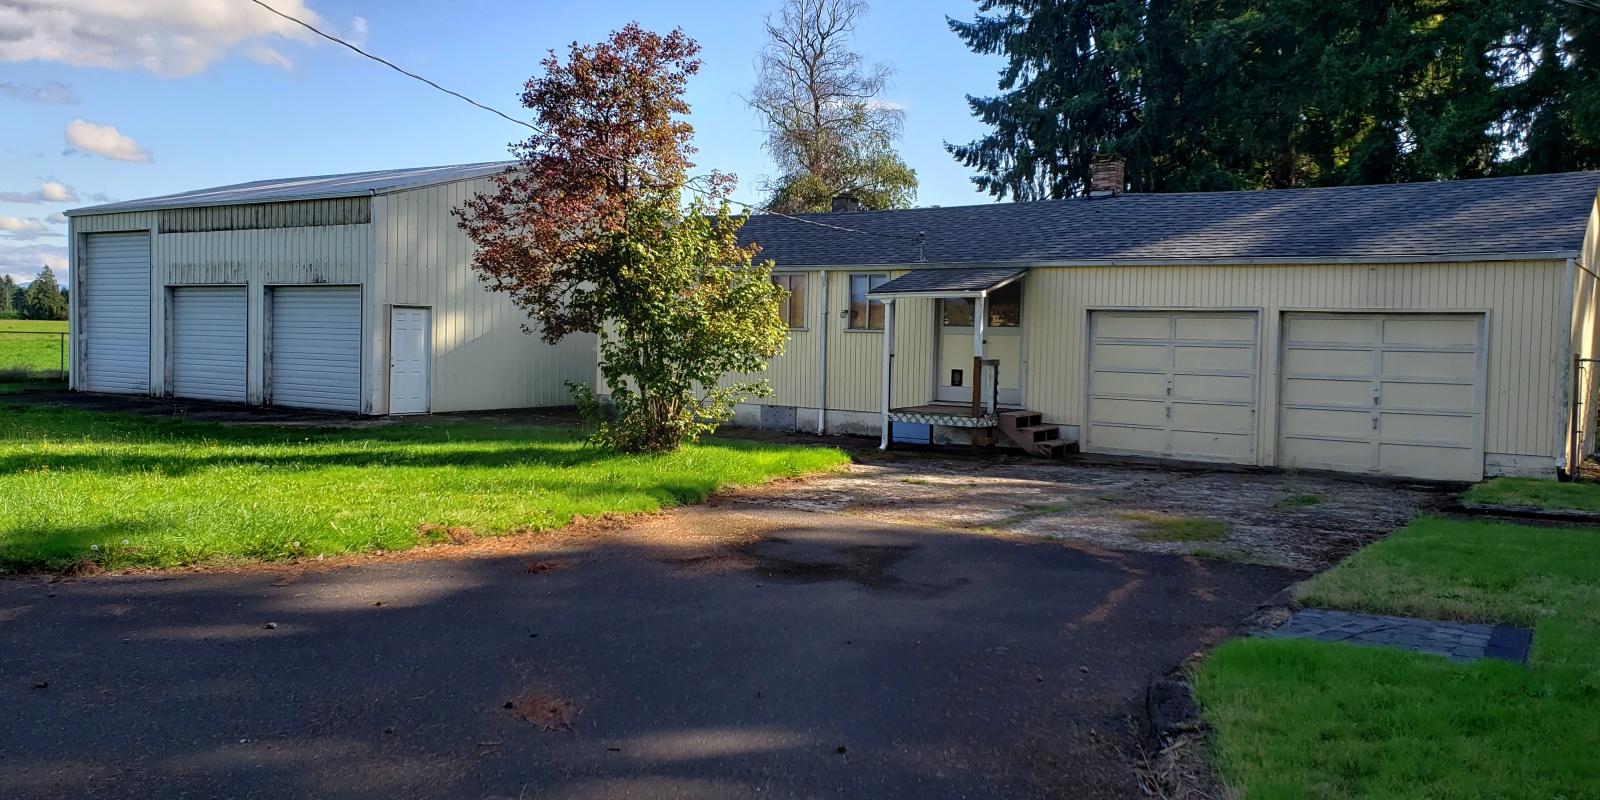 12403 NE 117th Ave, Vancouver, WA